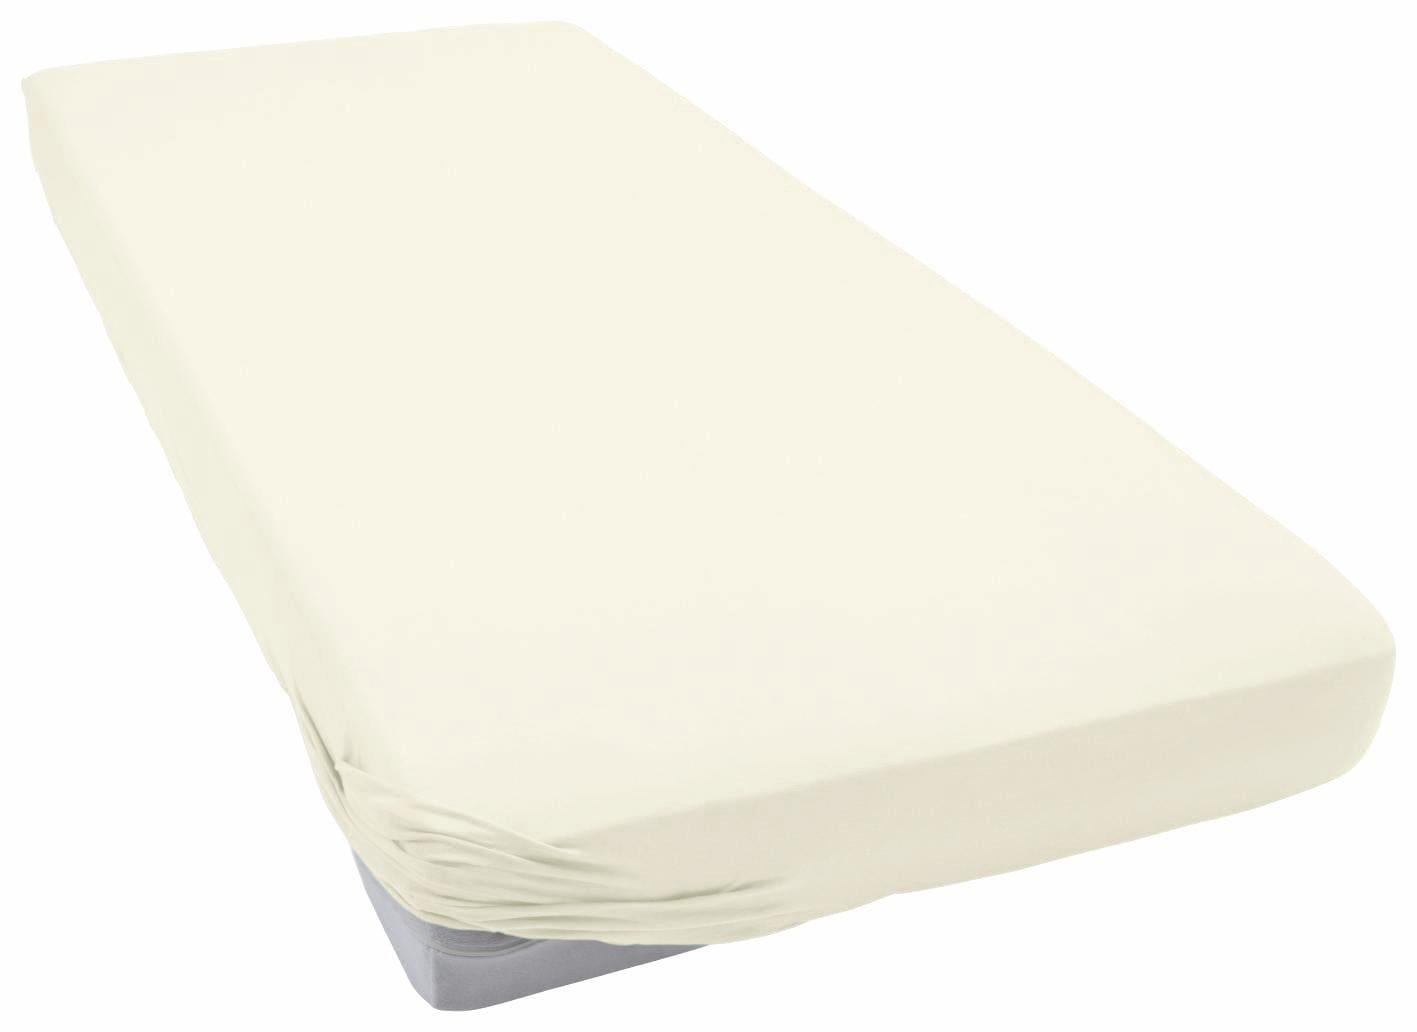 Spannbettlaken »Teddy Flausch«, Primera   Heimtextilien > Bettwäsche und Laken > Bettlaken   Baumwolle - Polyester   PRIMERA FIRST SLEEPWARE